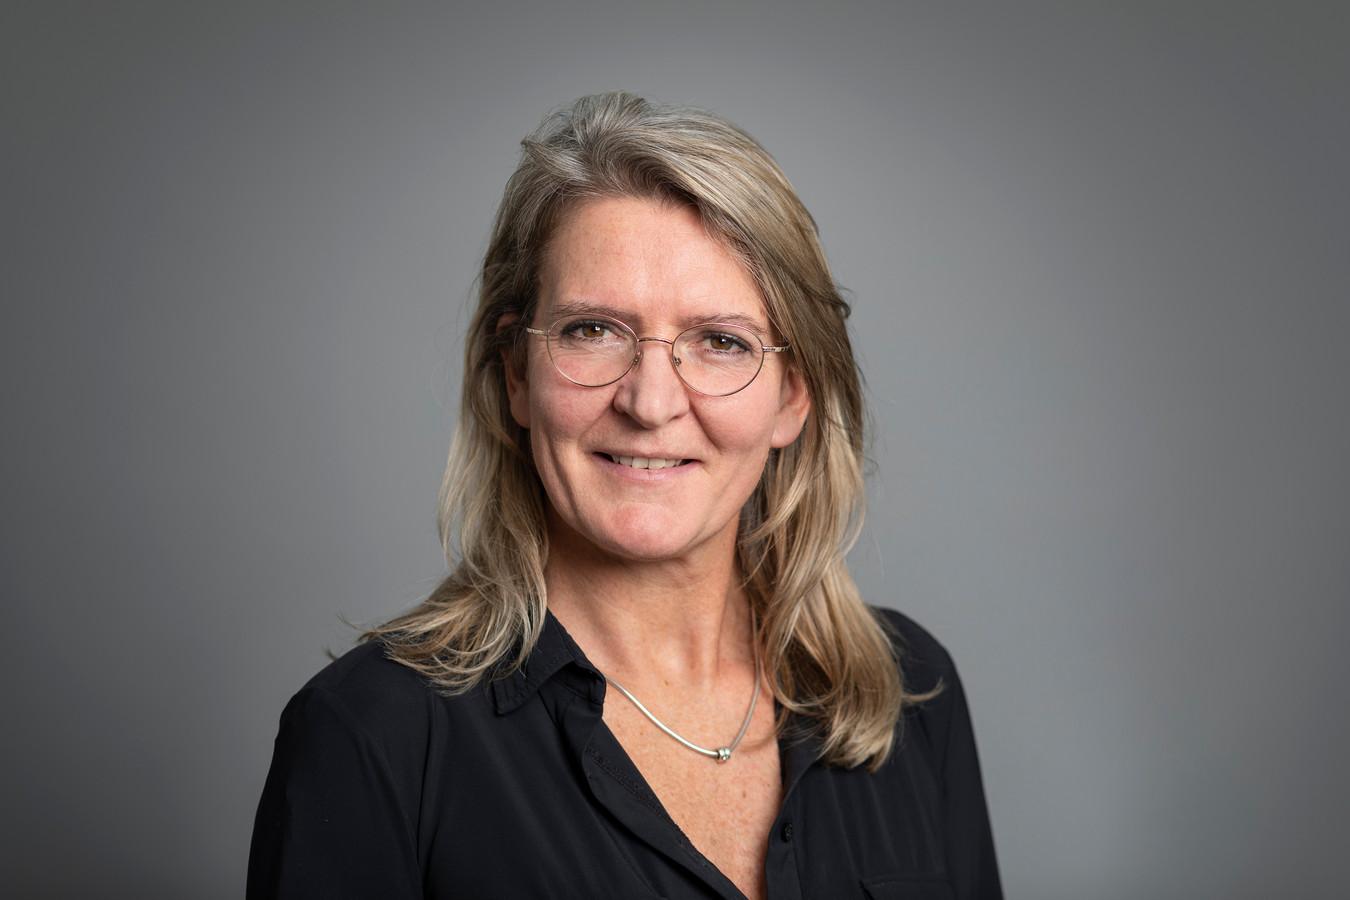 Jacqueline Stuurstraat